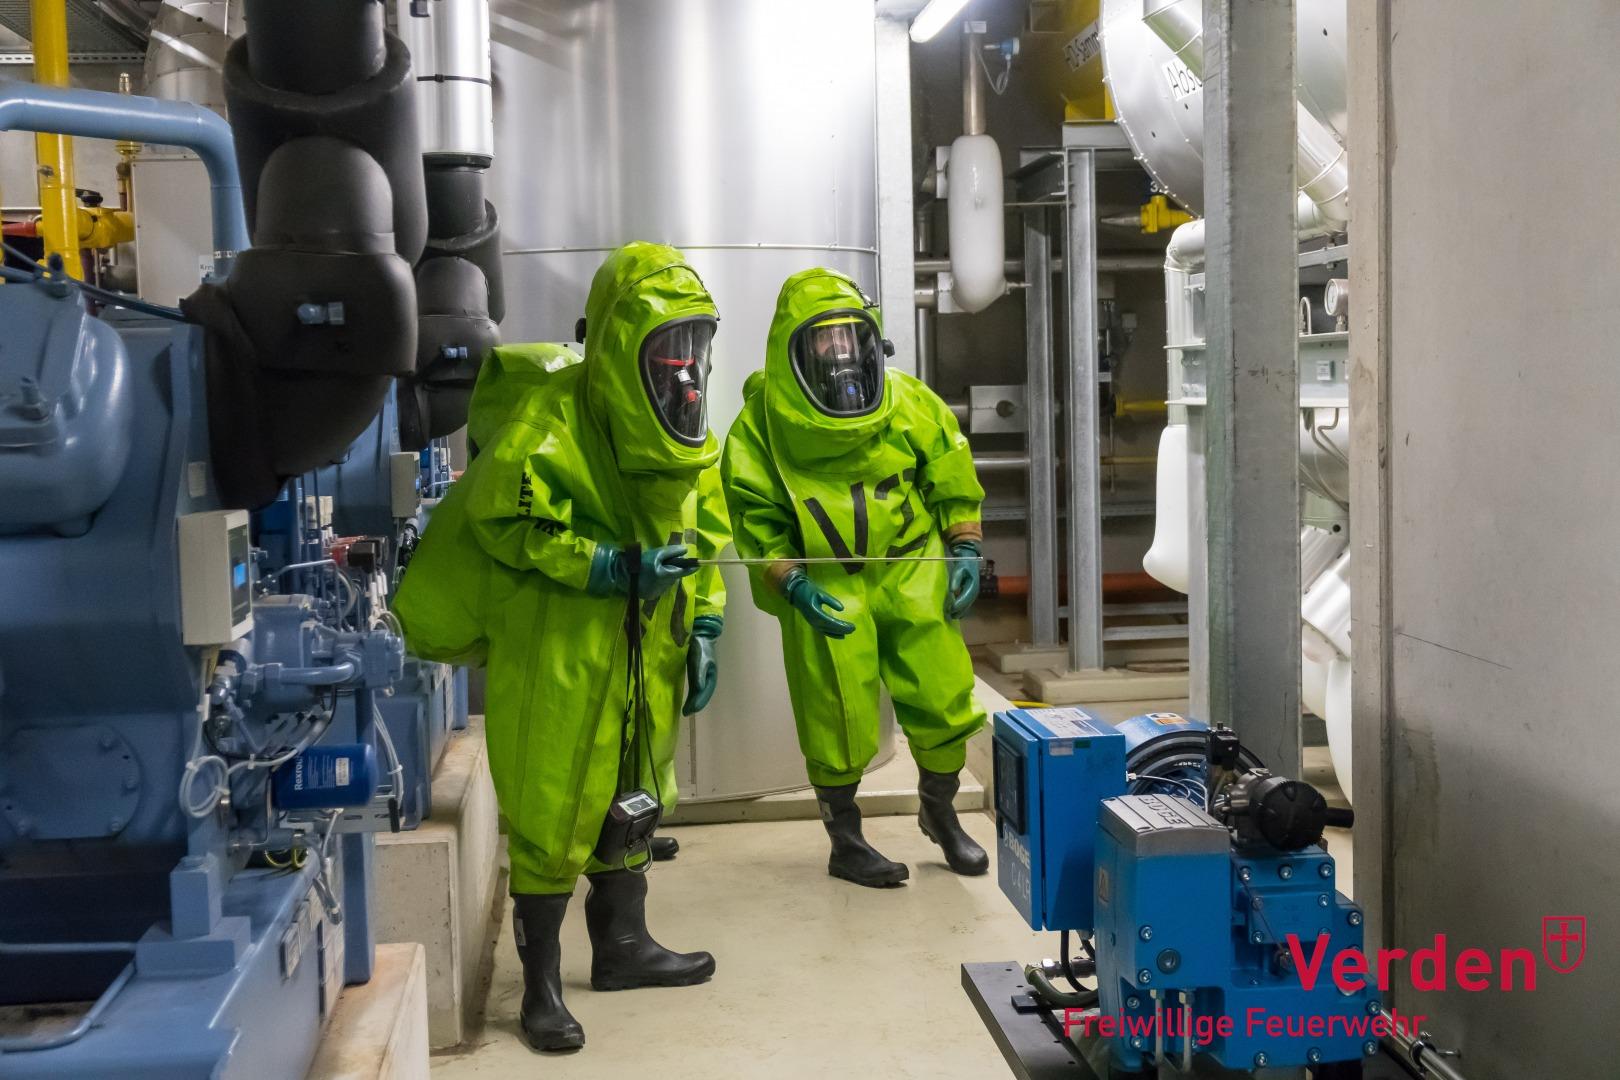 Einsatzkräfte in Chemikalienschutzanzügen erkunden eine Einsatzstelle.